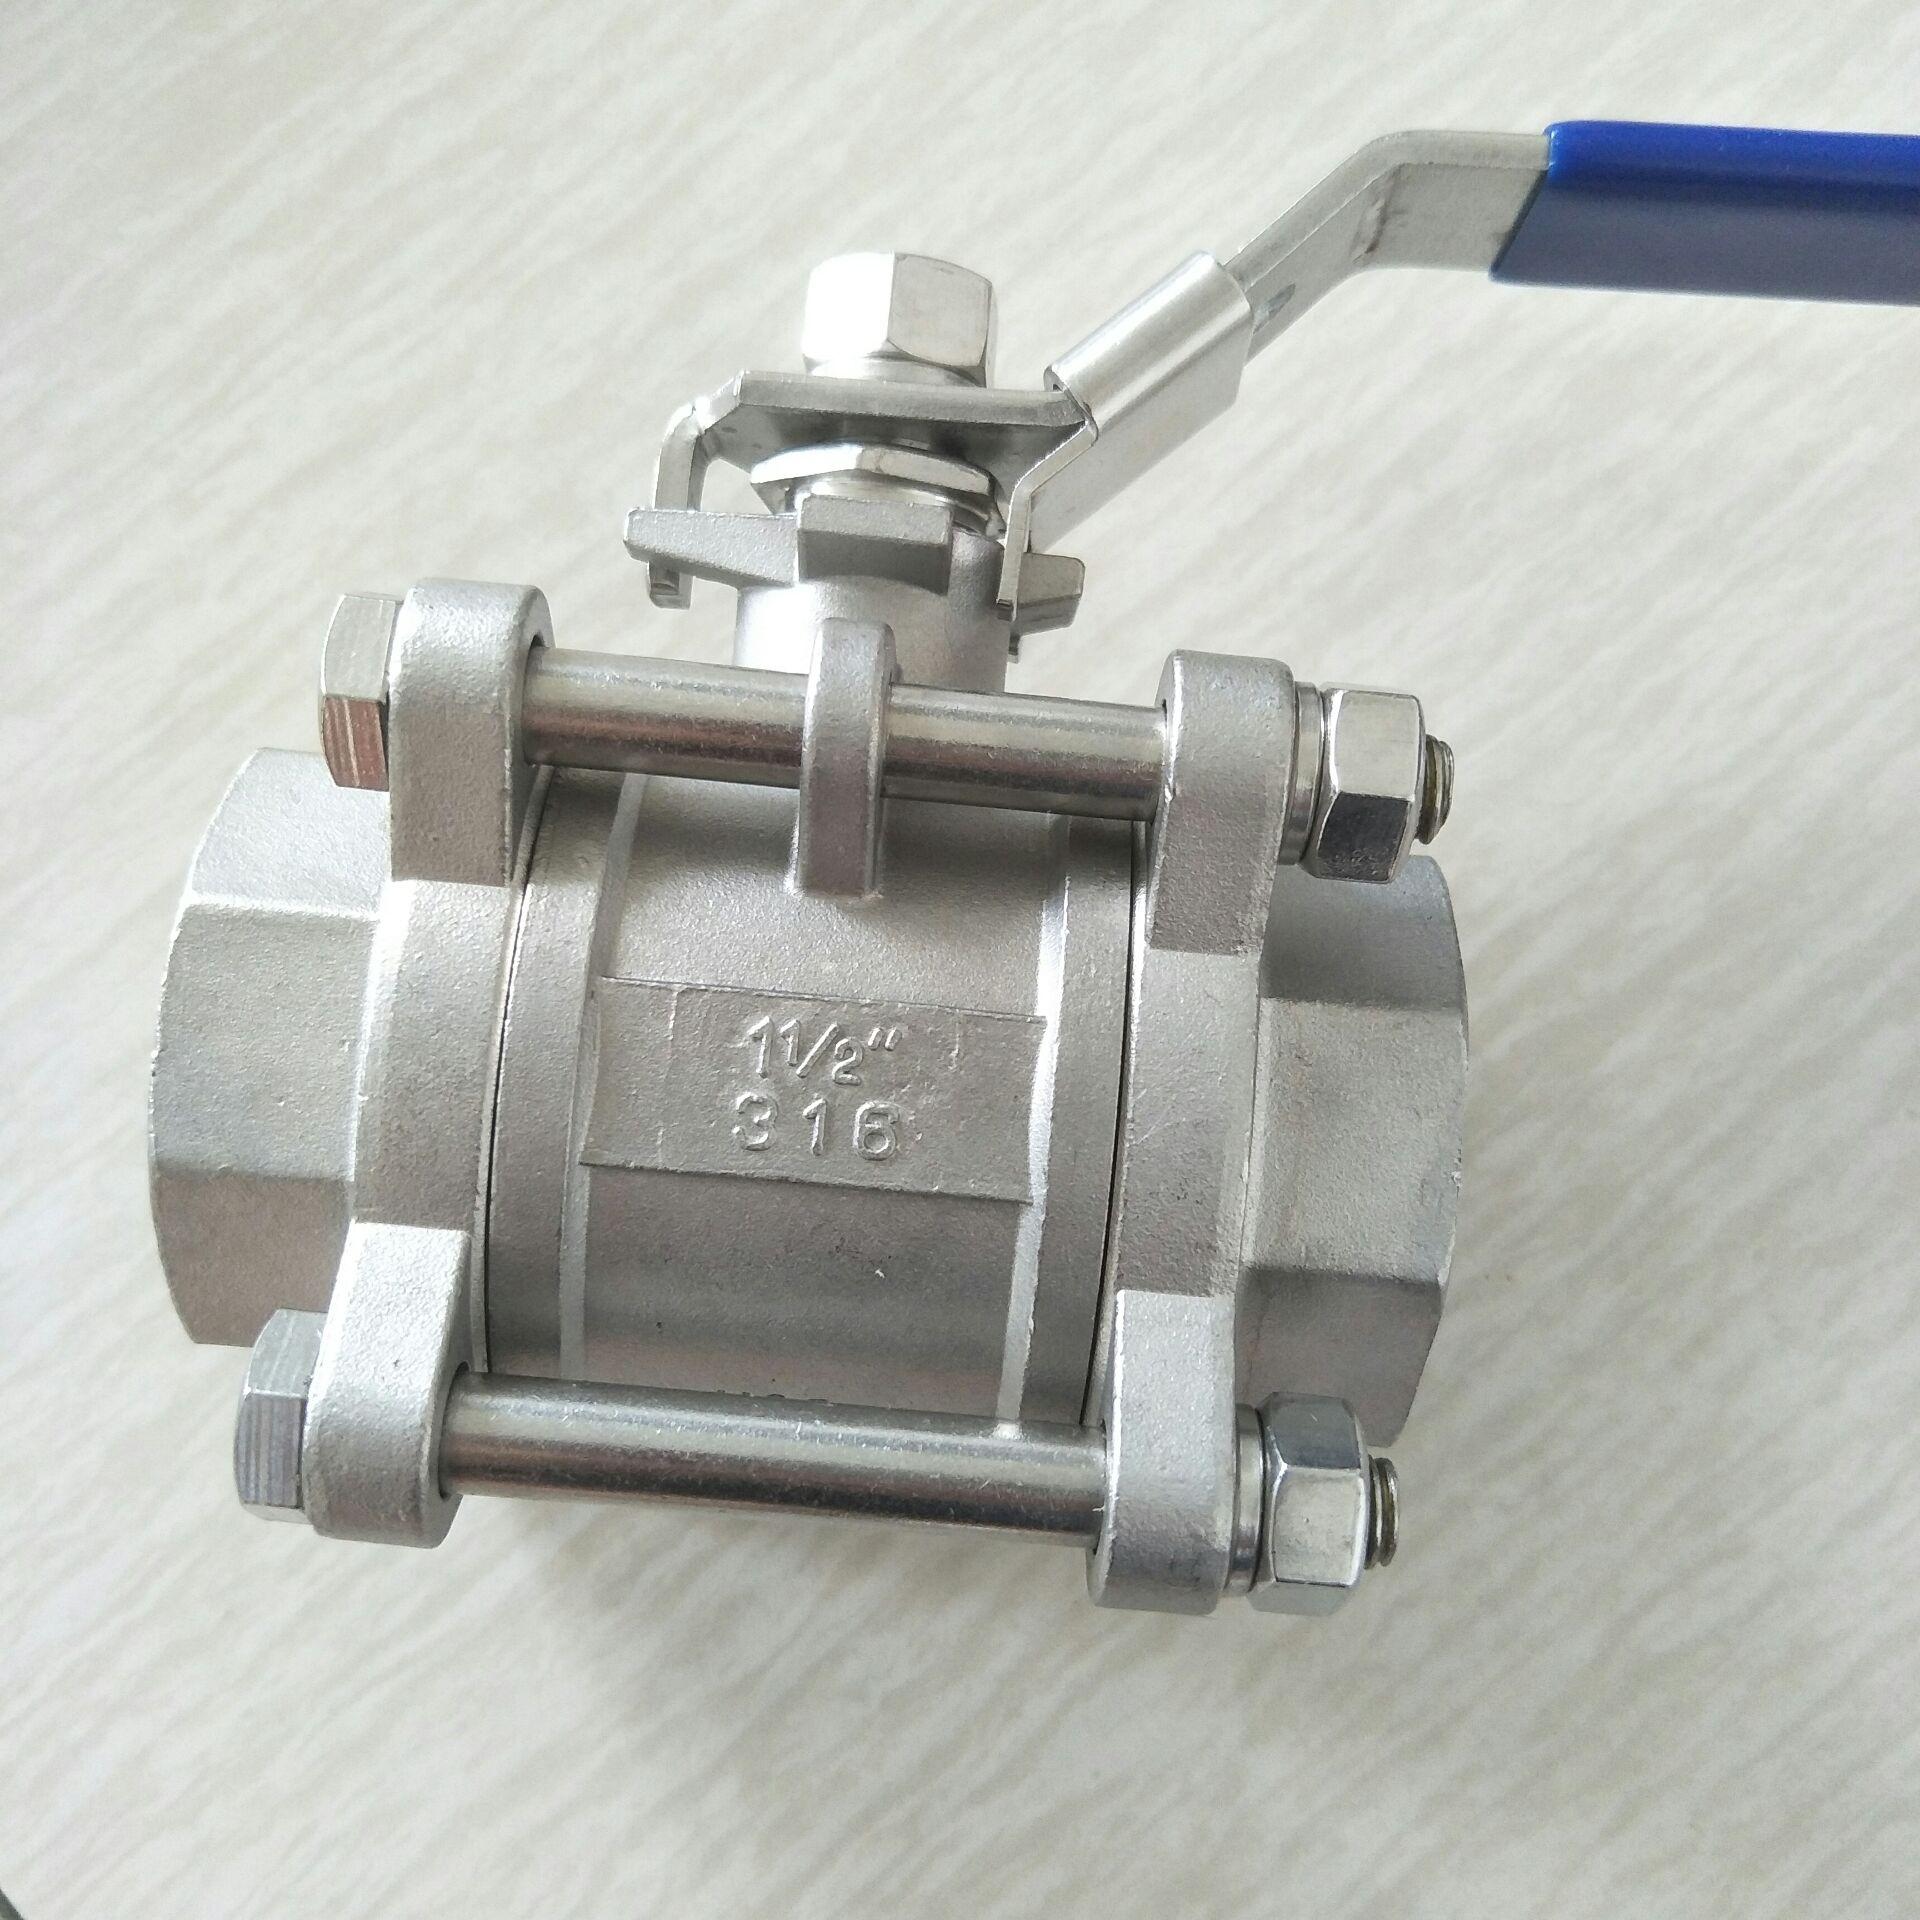 不锈钢三片式球阀 DN40 3PC球阀11/2寸810955082